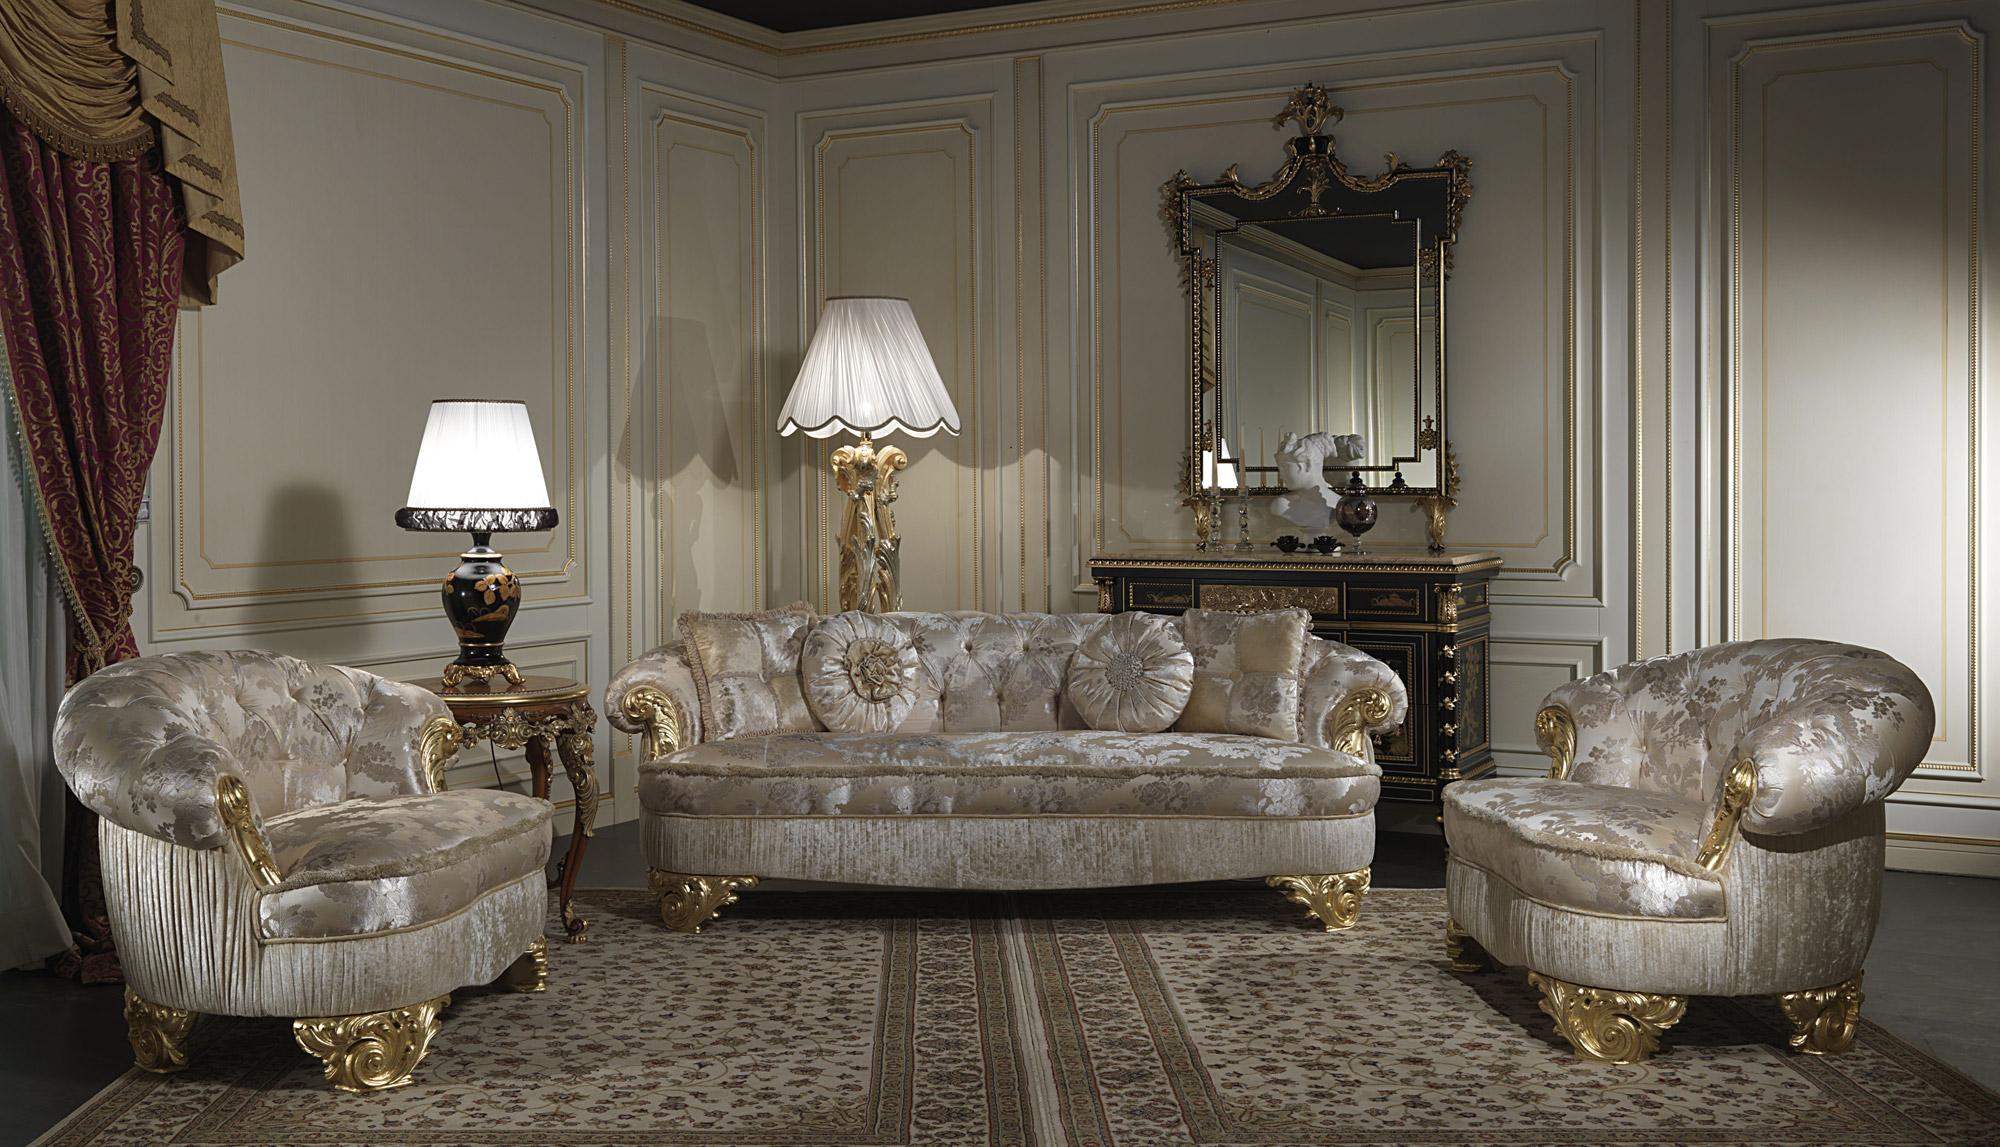 Exclusive sofas classic style Paris